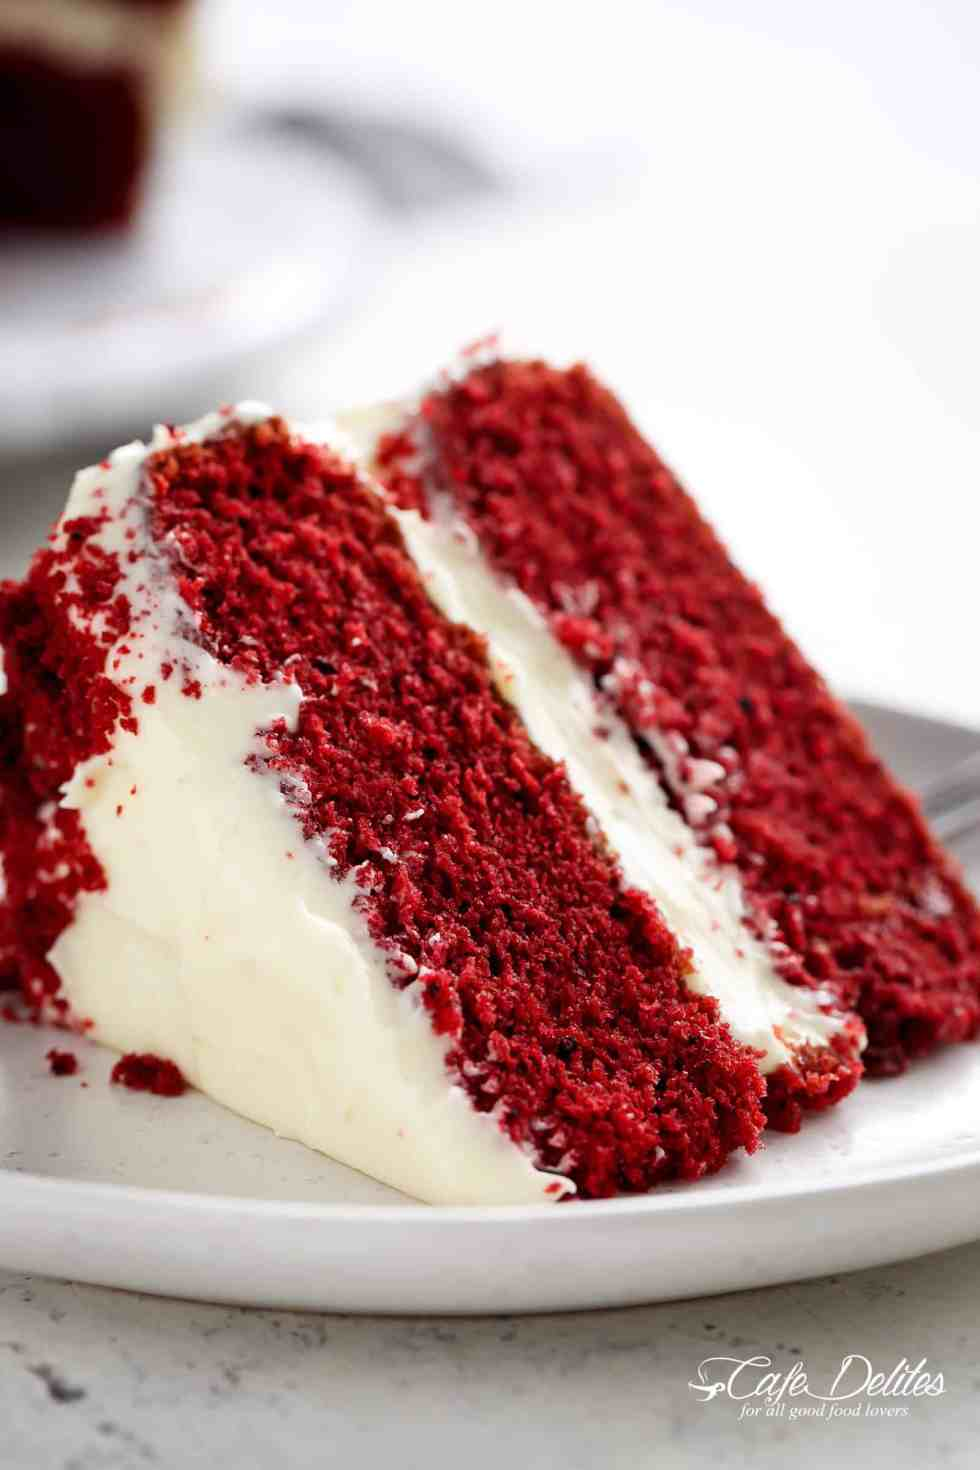 A slice of red velvet cake | cafedelites.com